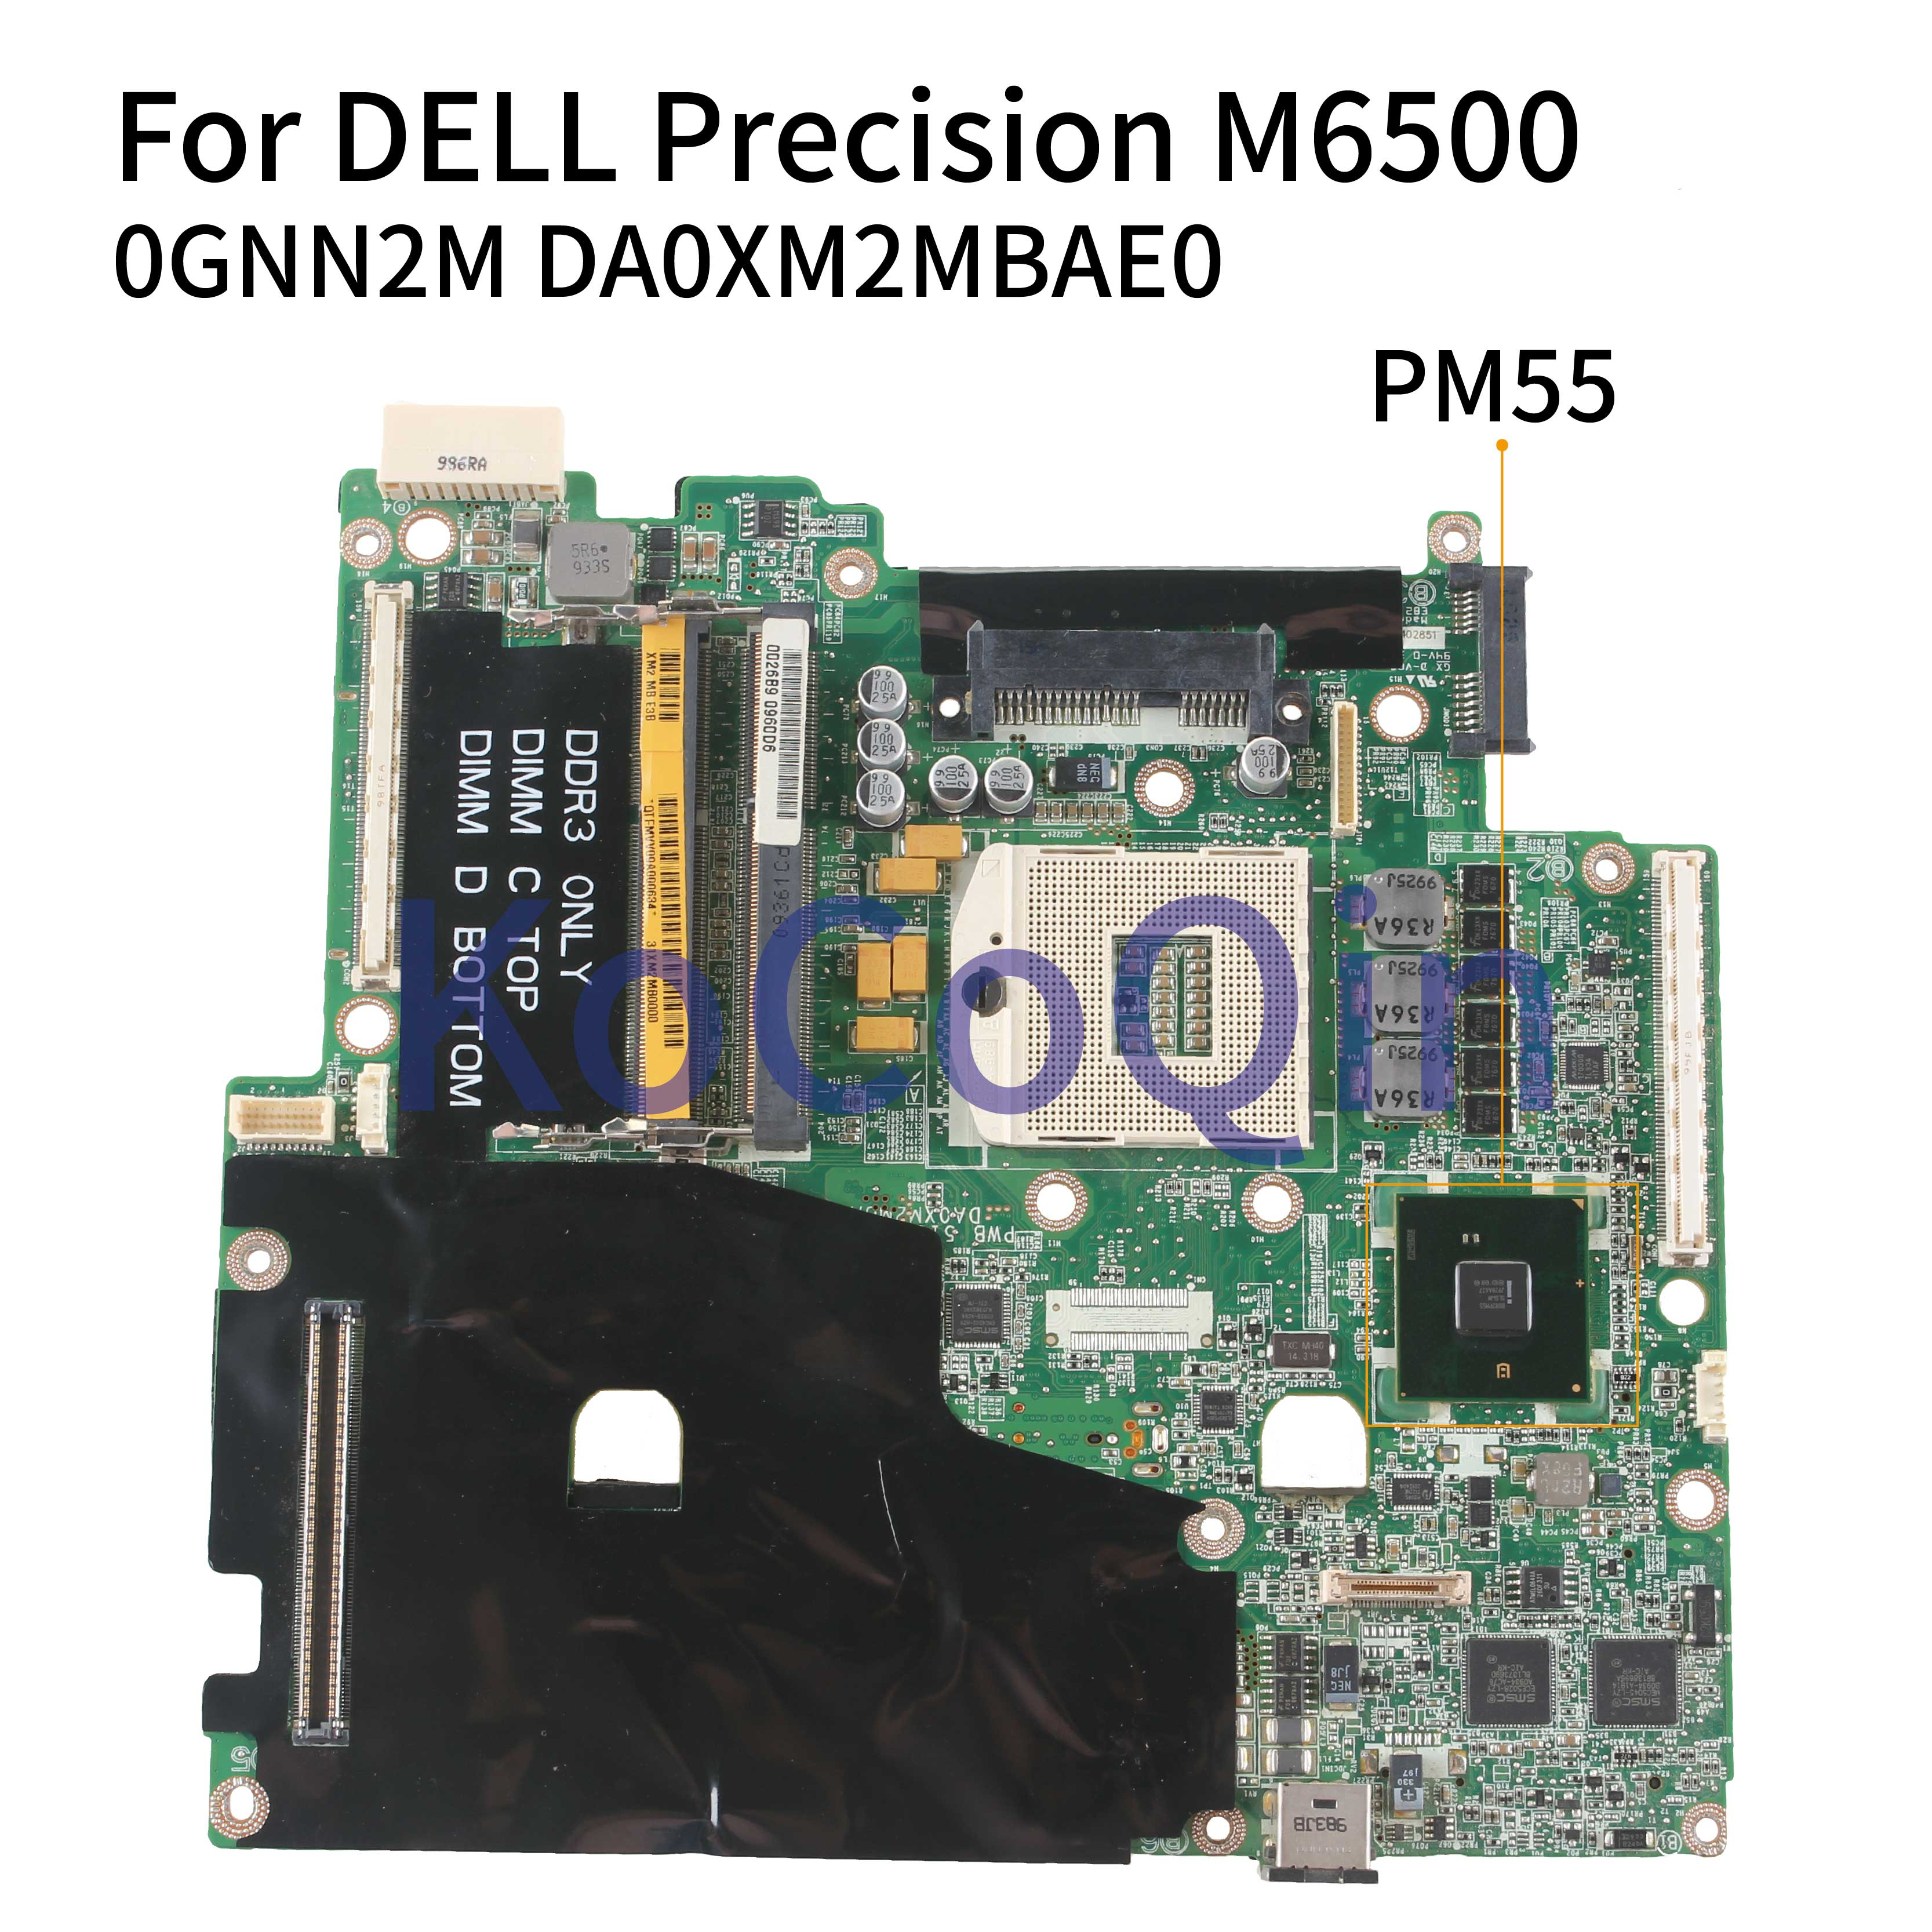 Placa base para ordenador portátil KoCoQin para DELL Precision M6500, placa base CN-0GNN2M 0GNN2M DA0XM2MBAE0 PM55